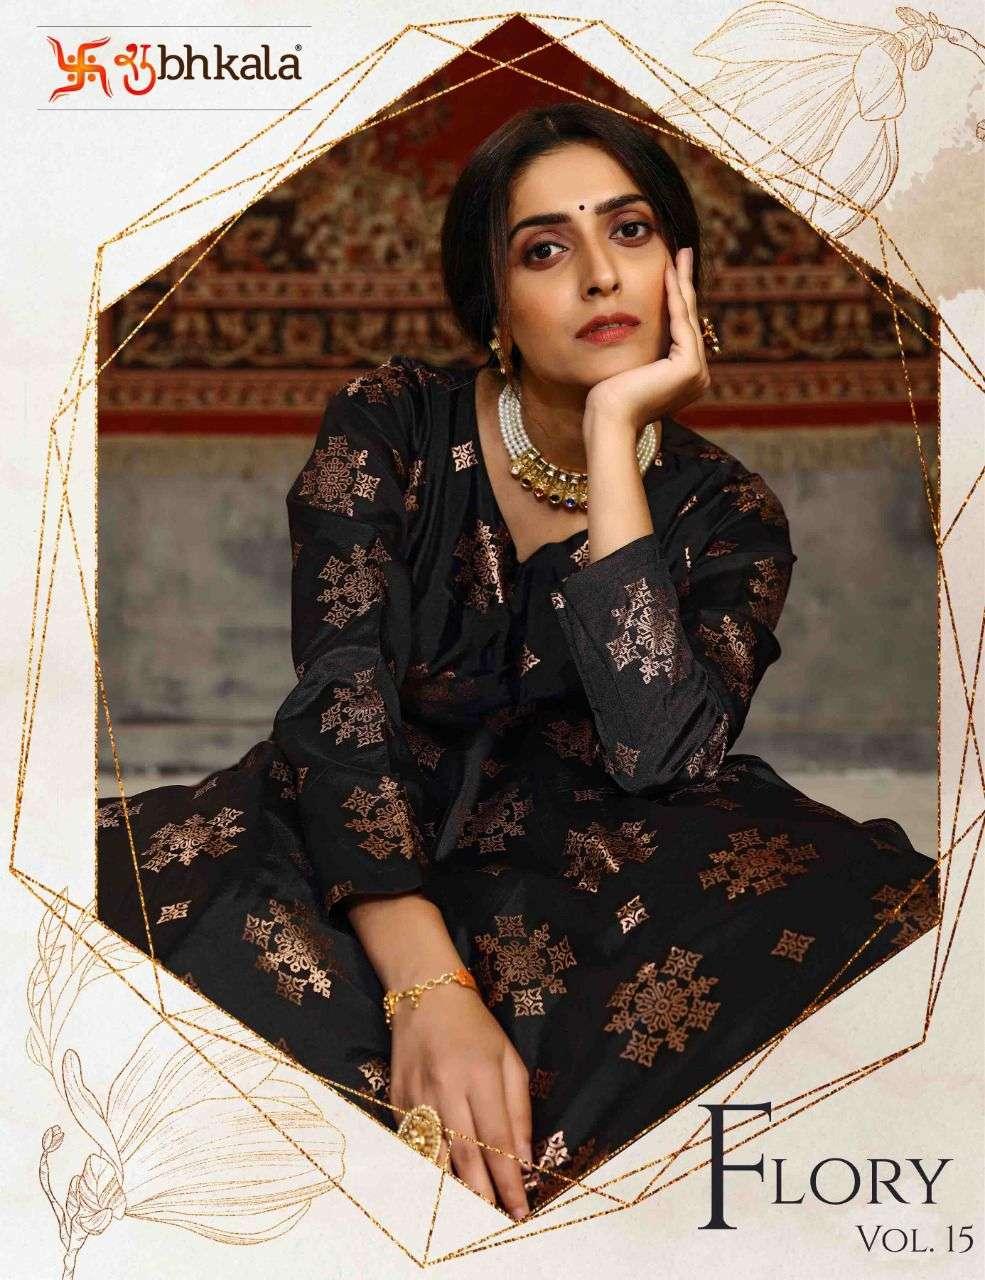 Shubhkala Flory Vol 15 By Khushboo Desgigner Anarkali Suit Catalog Supplier